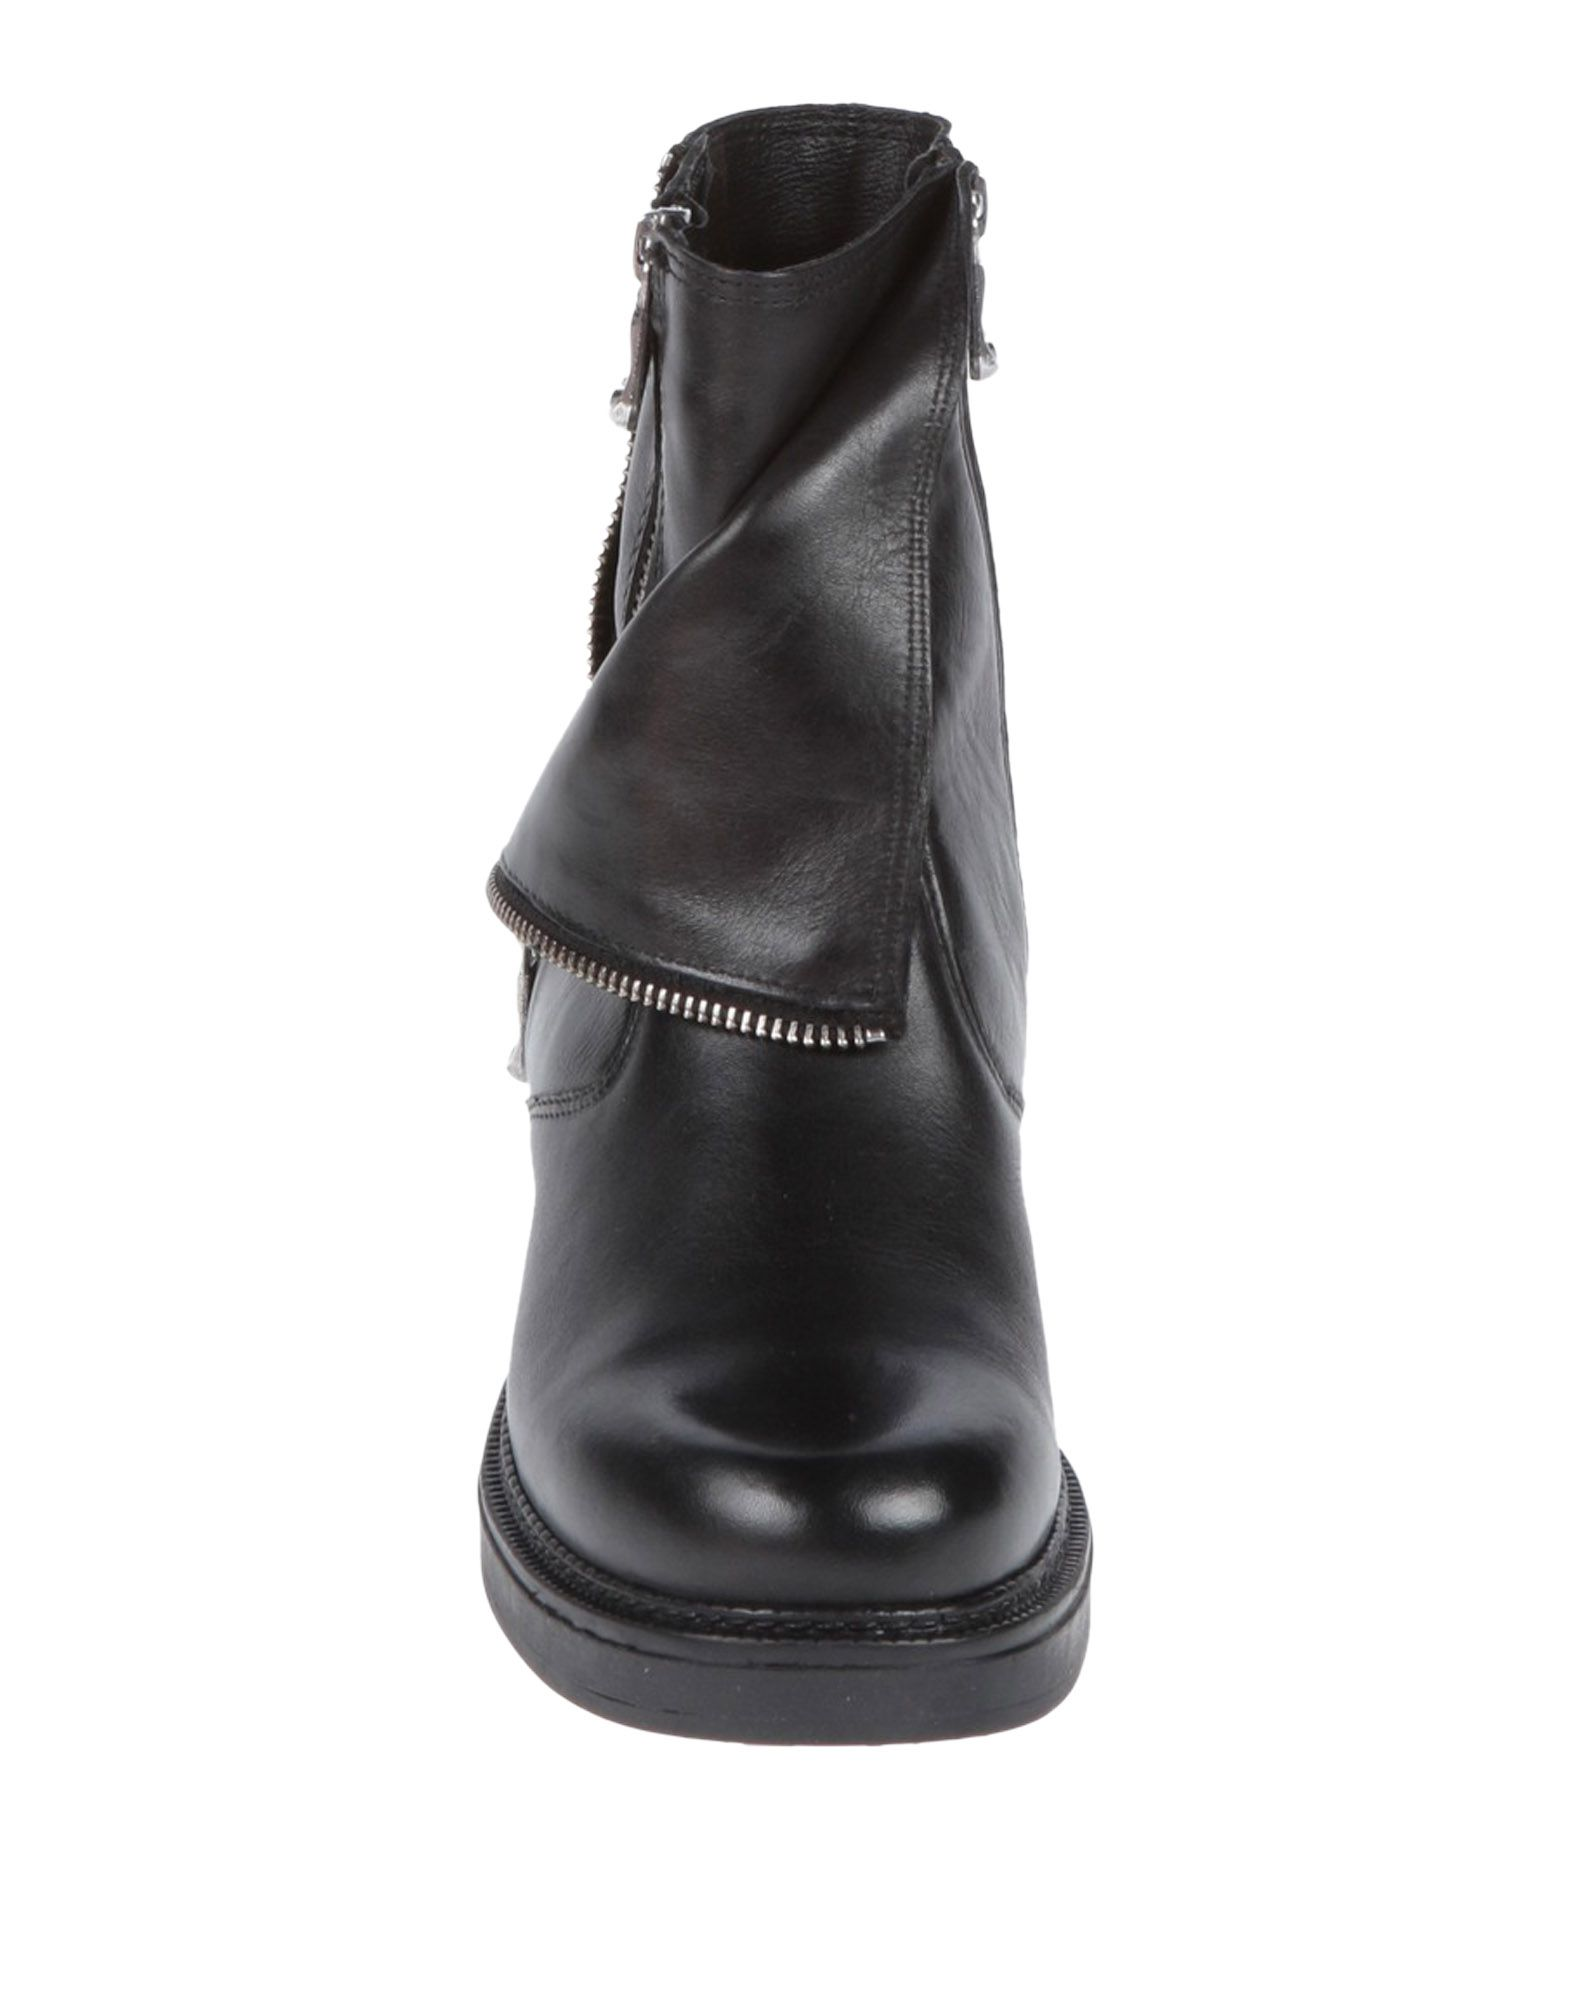 Gusto Stiefelette Gute Damen  11520386WW Gute Stiefelette Qualität beliebte Schuhe 4f6ce4